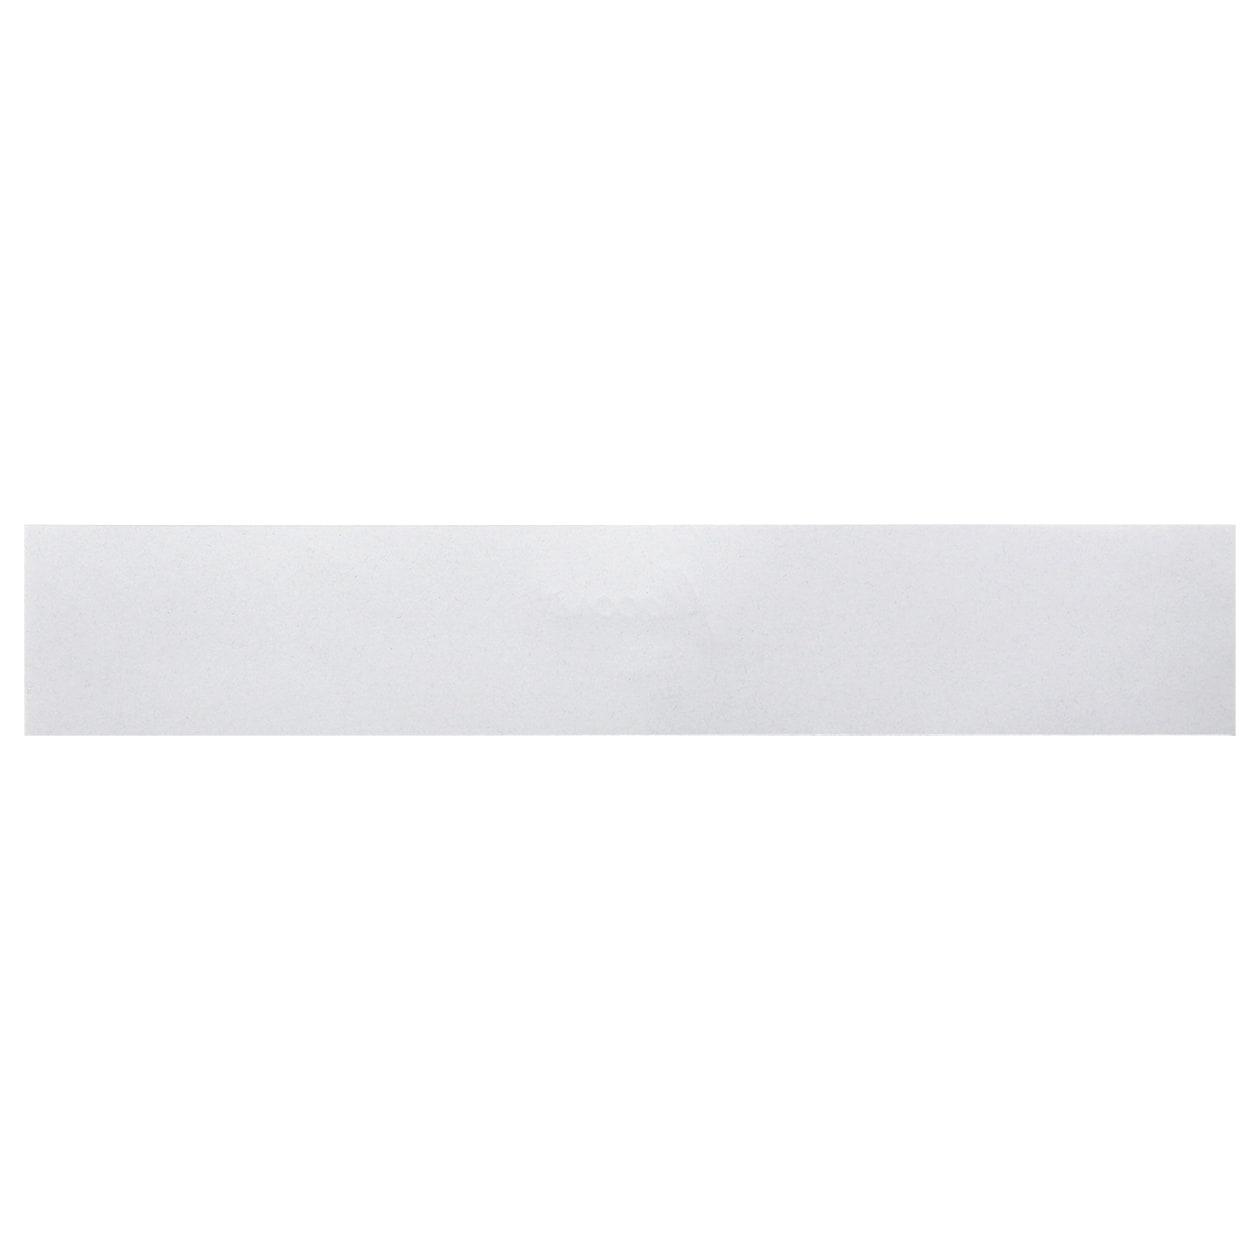 サンプル カード・シート 00434